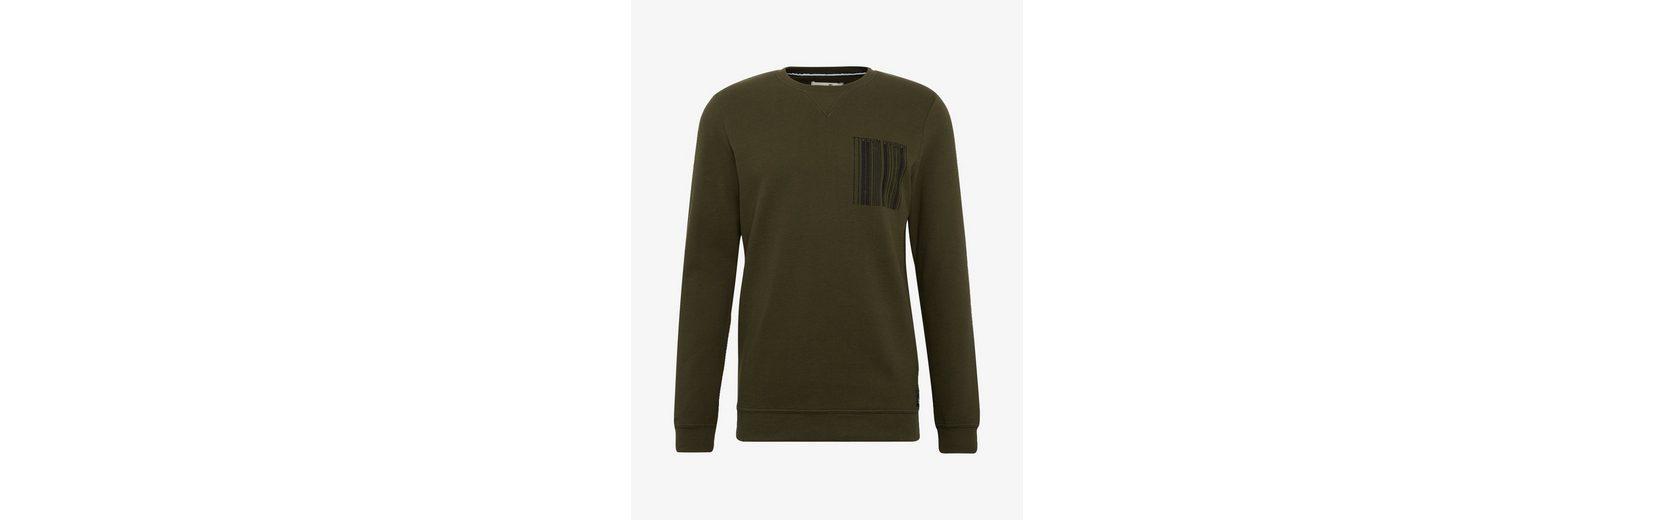 mit Tom Struktur Denim Tailor Sweatshirt Tailor Sweatshirt Tom Denim zHW4qTf0Uc